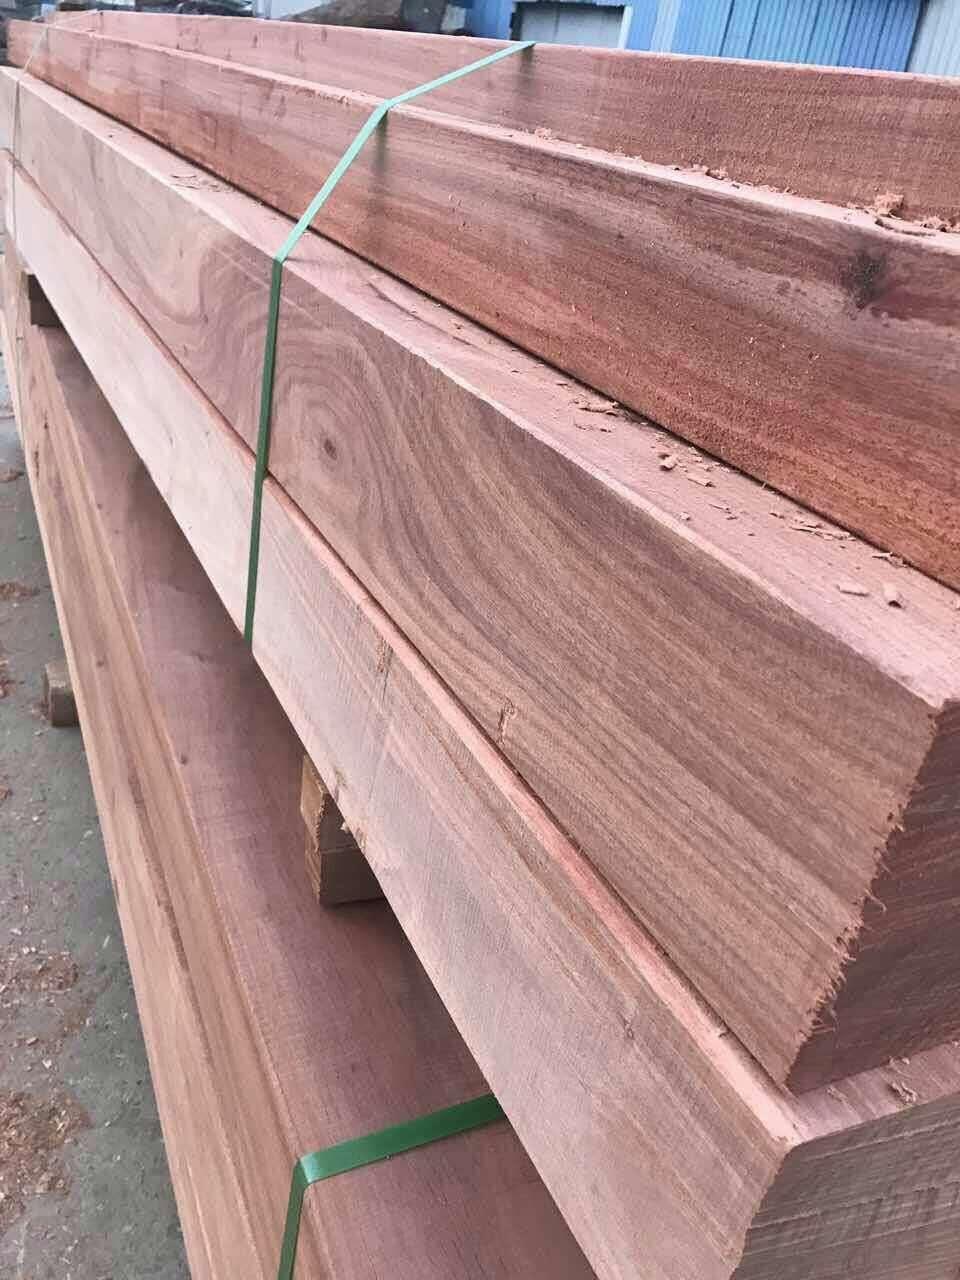 巴劳木板材多少钱一立方 巴劳木优缺点